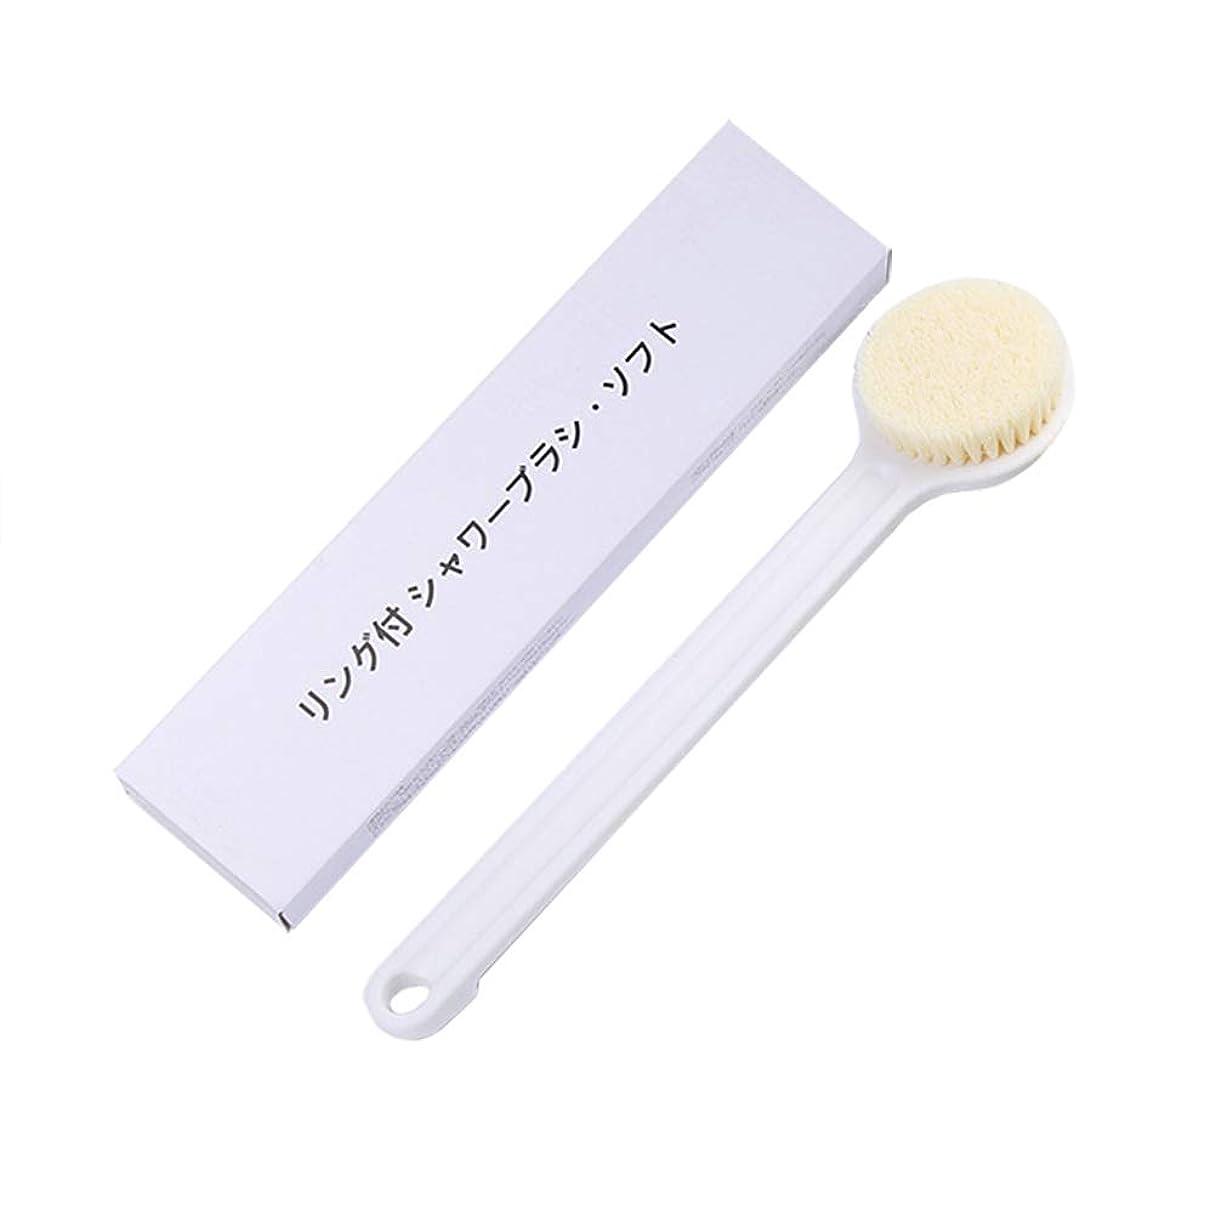 知覚的人工的なデクリメントMCCRUA 風呂 アイボリー ブラシ ボディブラシ ロング 体 洗い 長柄ブラシ やわらか ブラシ シャワーブラシ ソフトタイプ 抗菌 角質除去